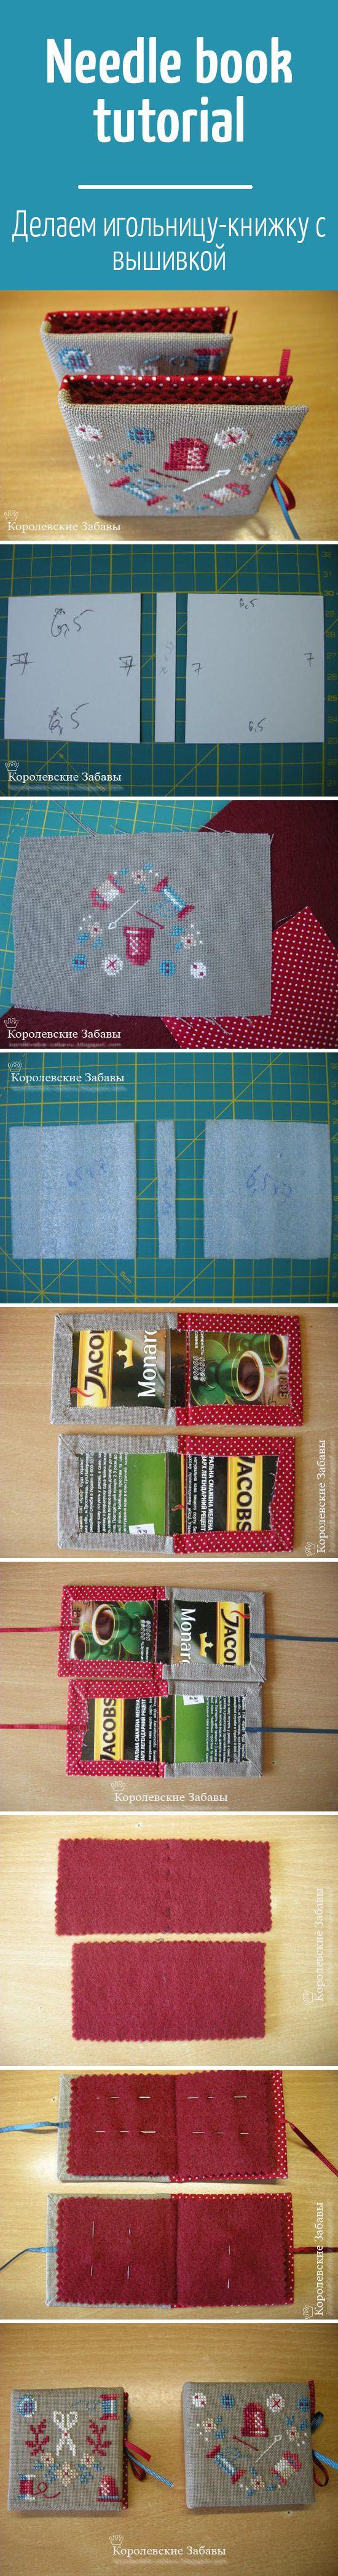 Делаем игольницу-книжечку: отличное применение для небольшой вышивки / Needle book tutorial